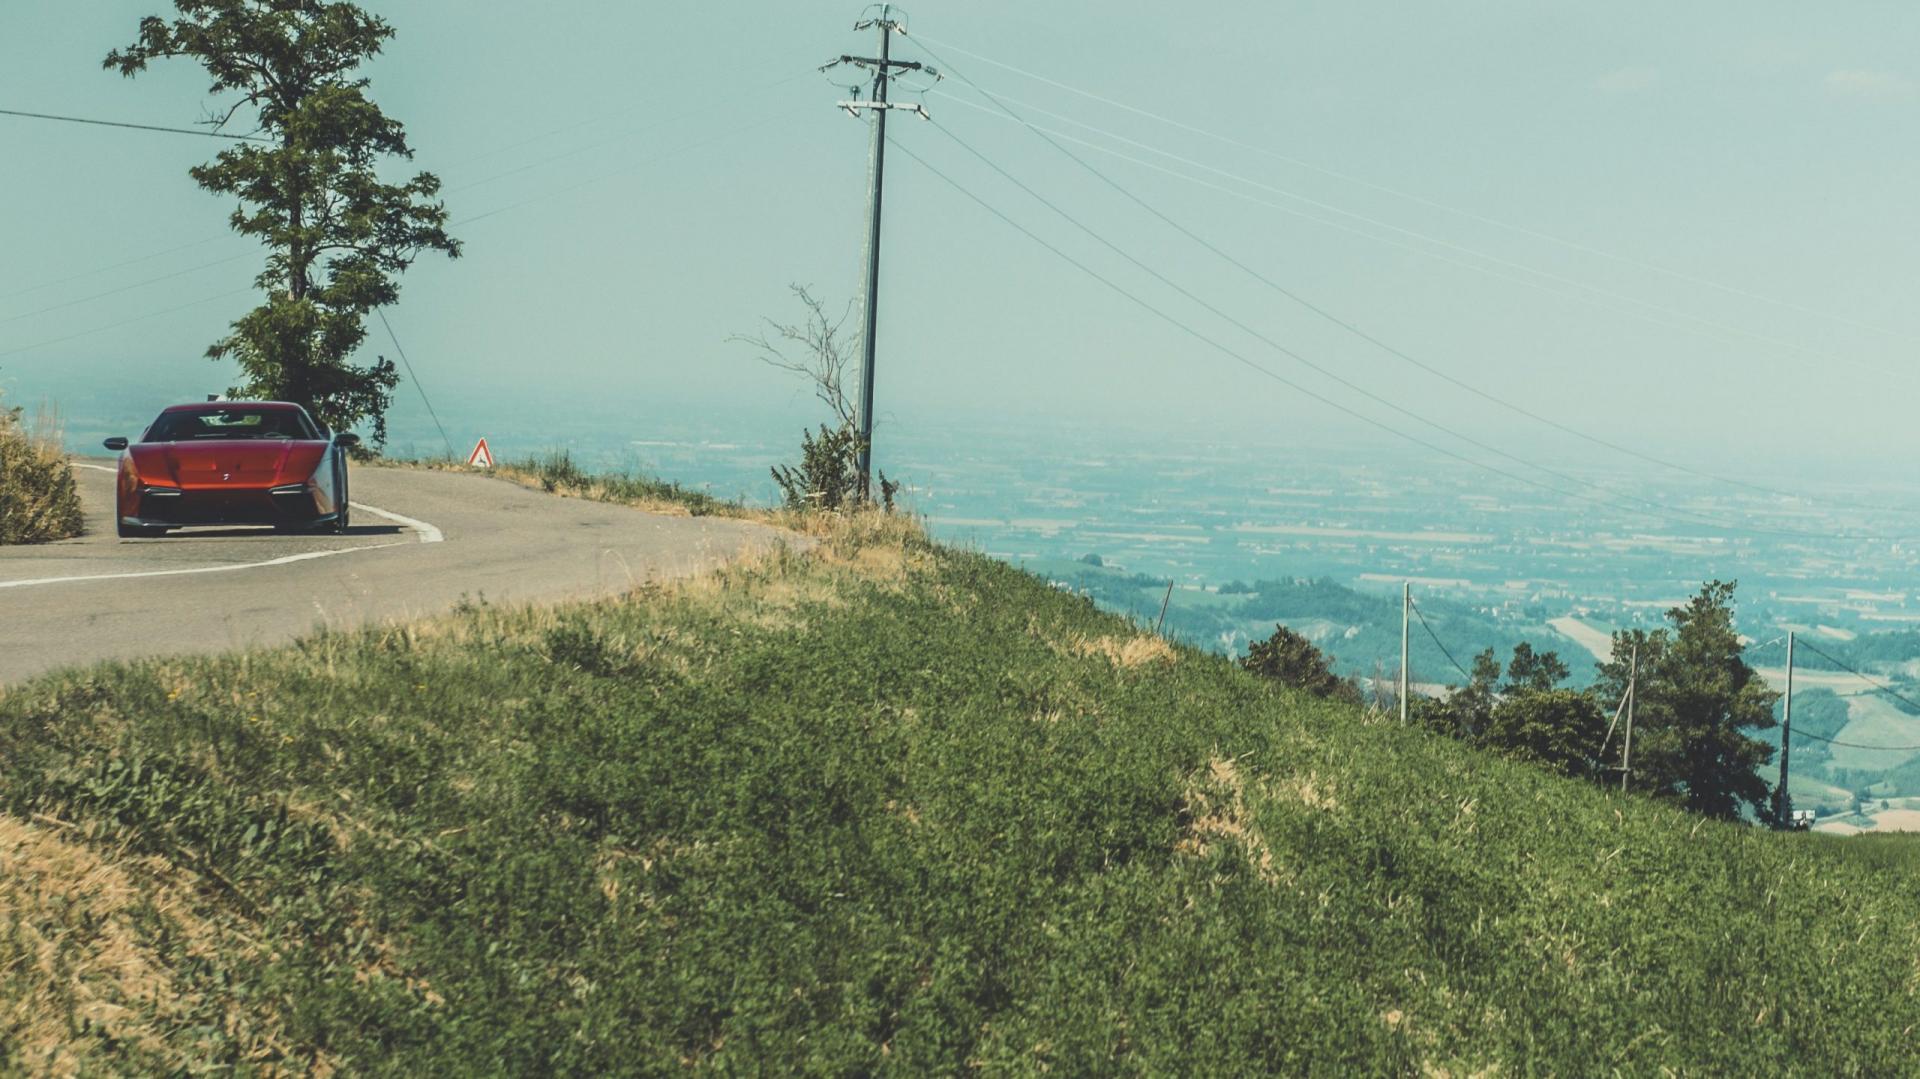 Ares Panther zoomed rijdend in bocht met landschap